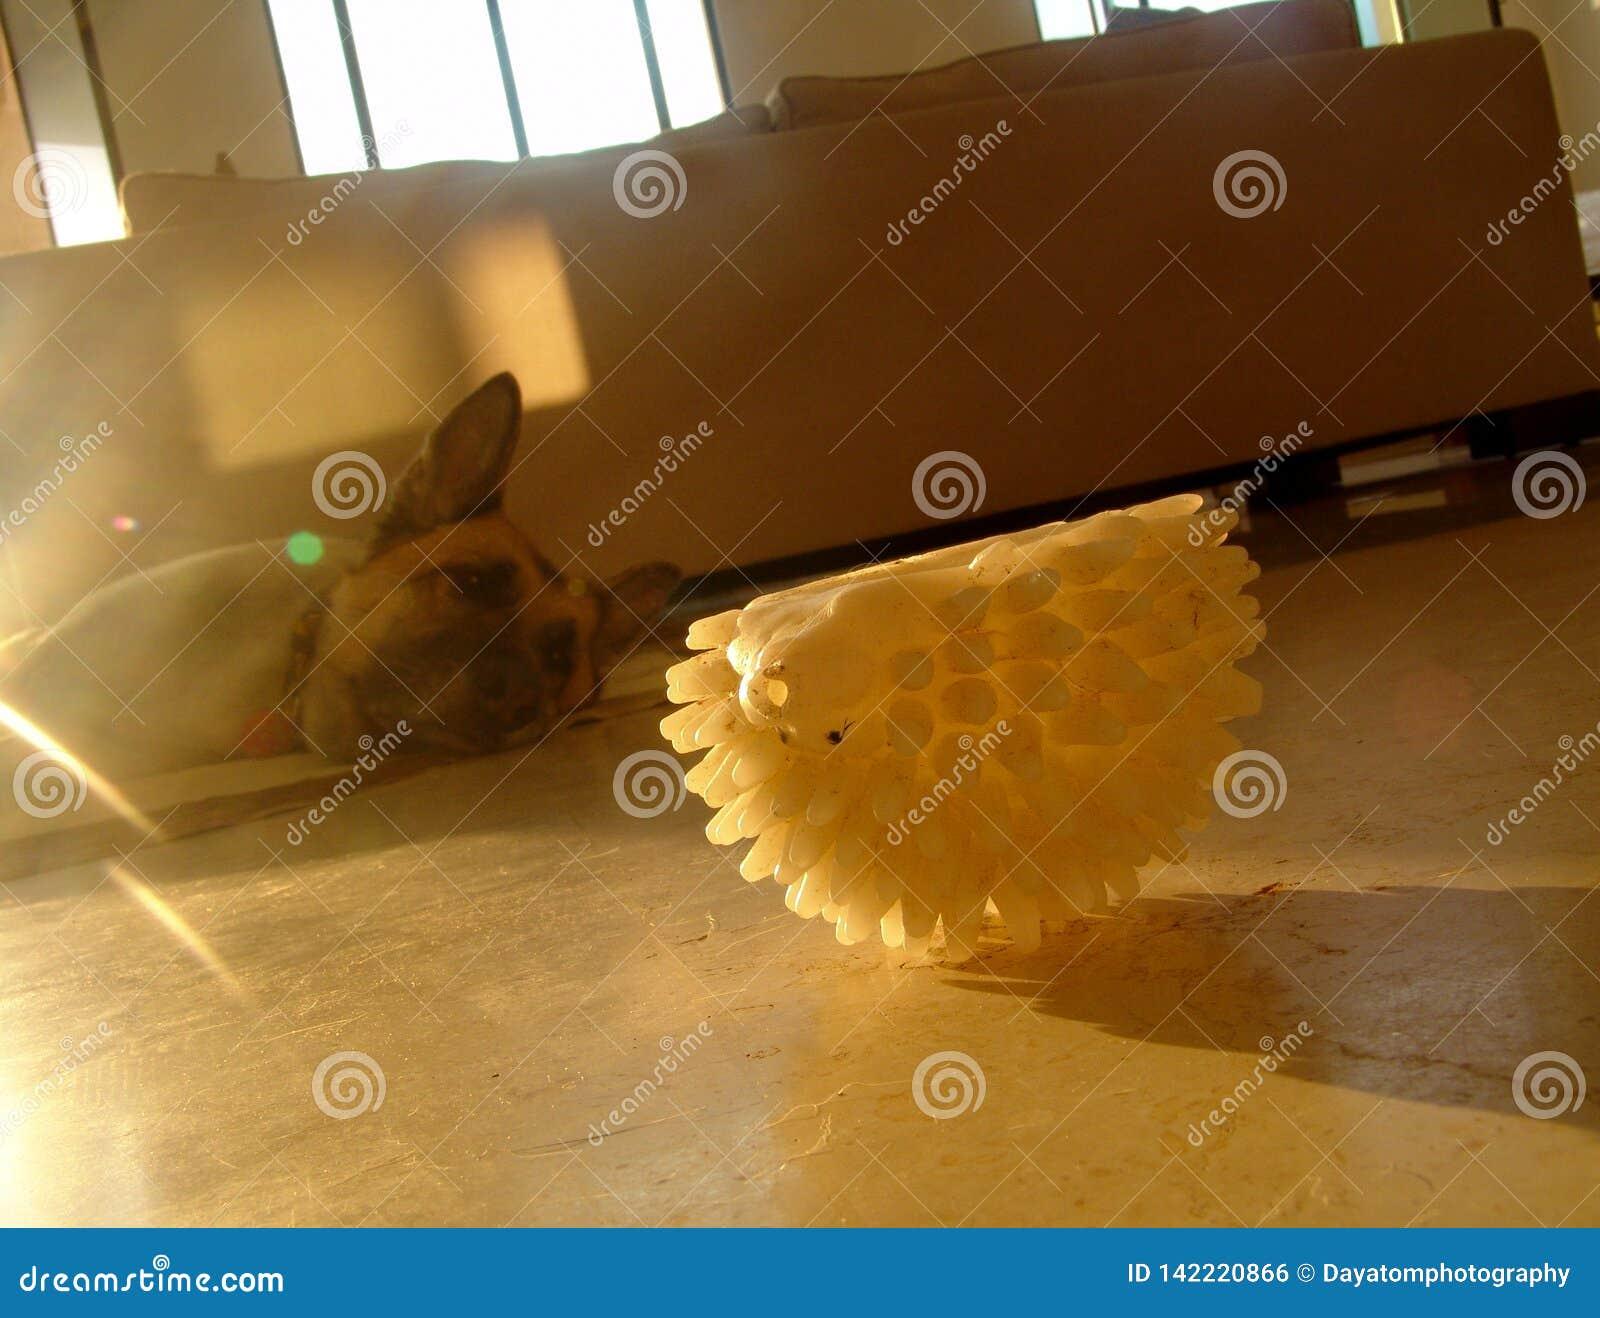 Perro viejo cansado, poniendo en el piso, dentro, protagonizando en un juguete blanco del animal doméstico de goma, en la mediado